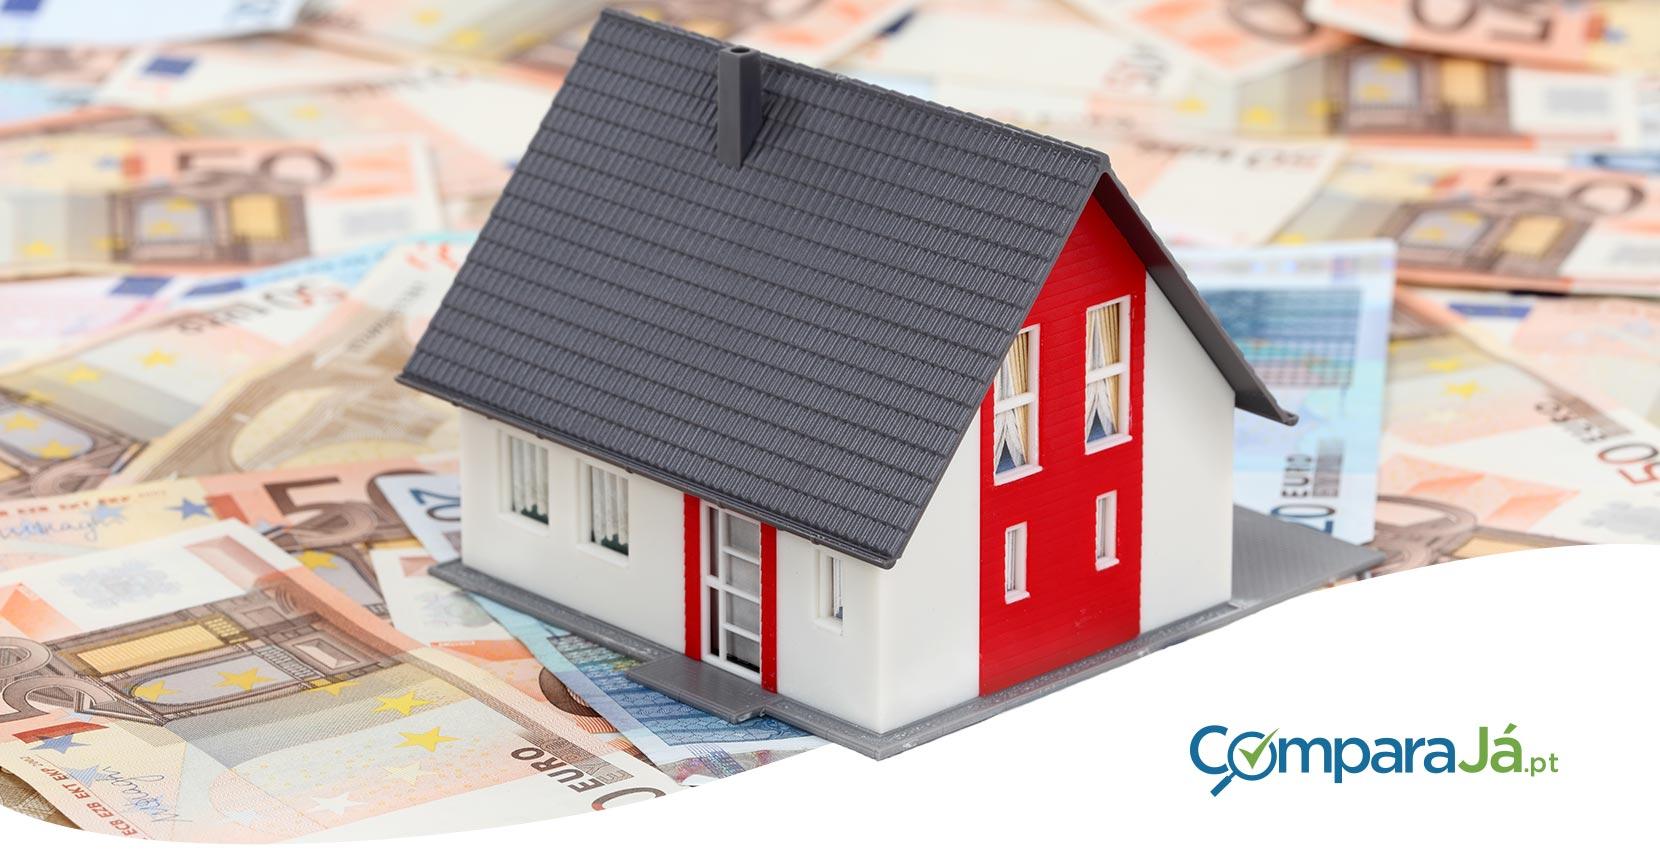 INFOGRÁFICO: Uma Casa de Sonho à Distância de um Empréstimo